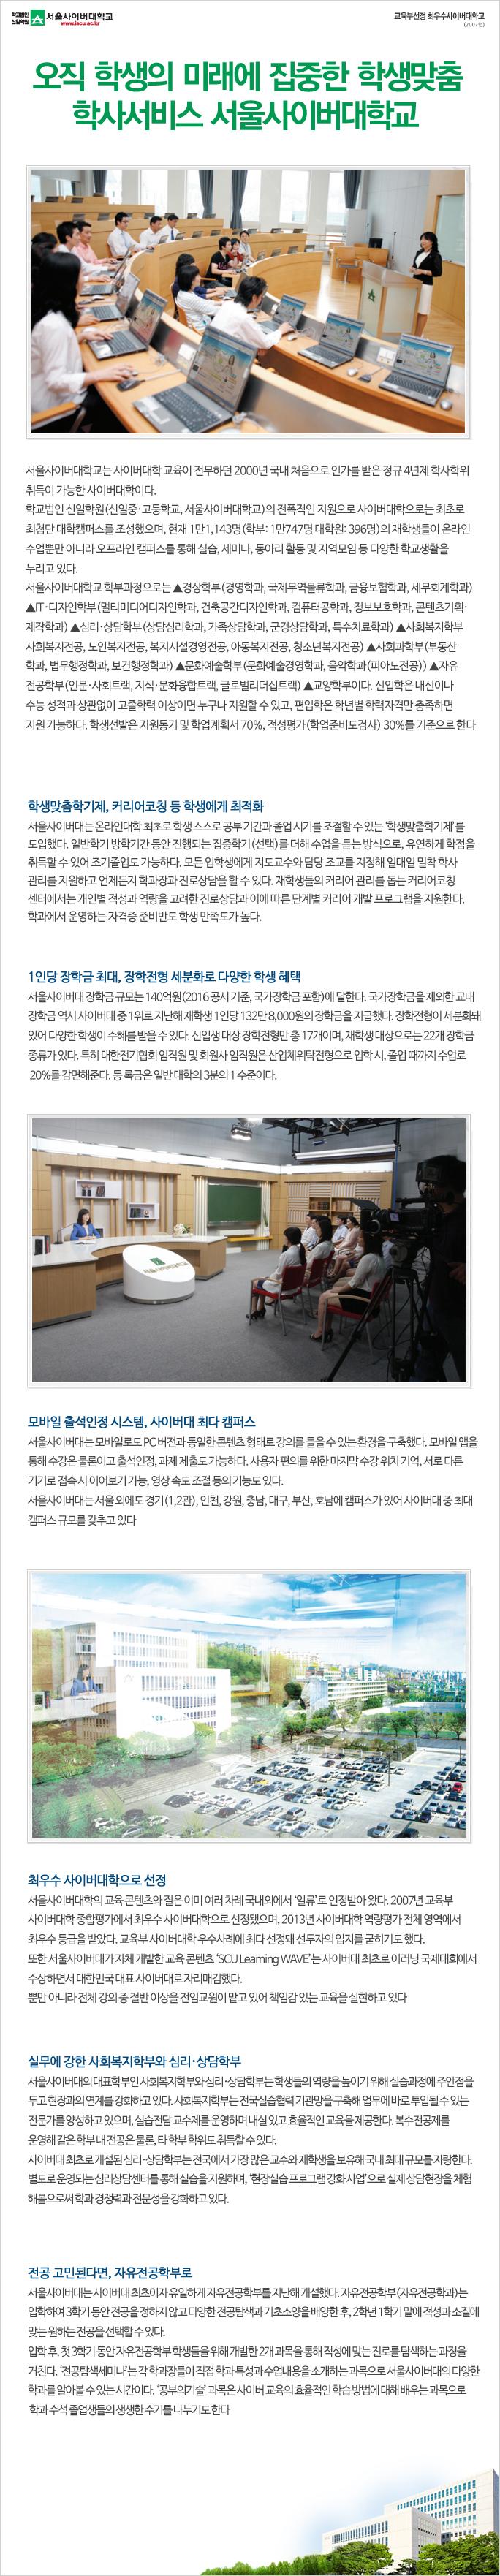 오직 학생의 미래에 집중한 학생맞춤 학사서비스 서울사이버대학교